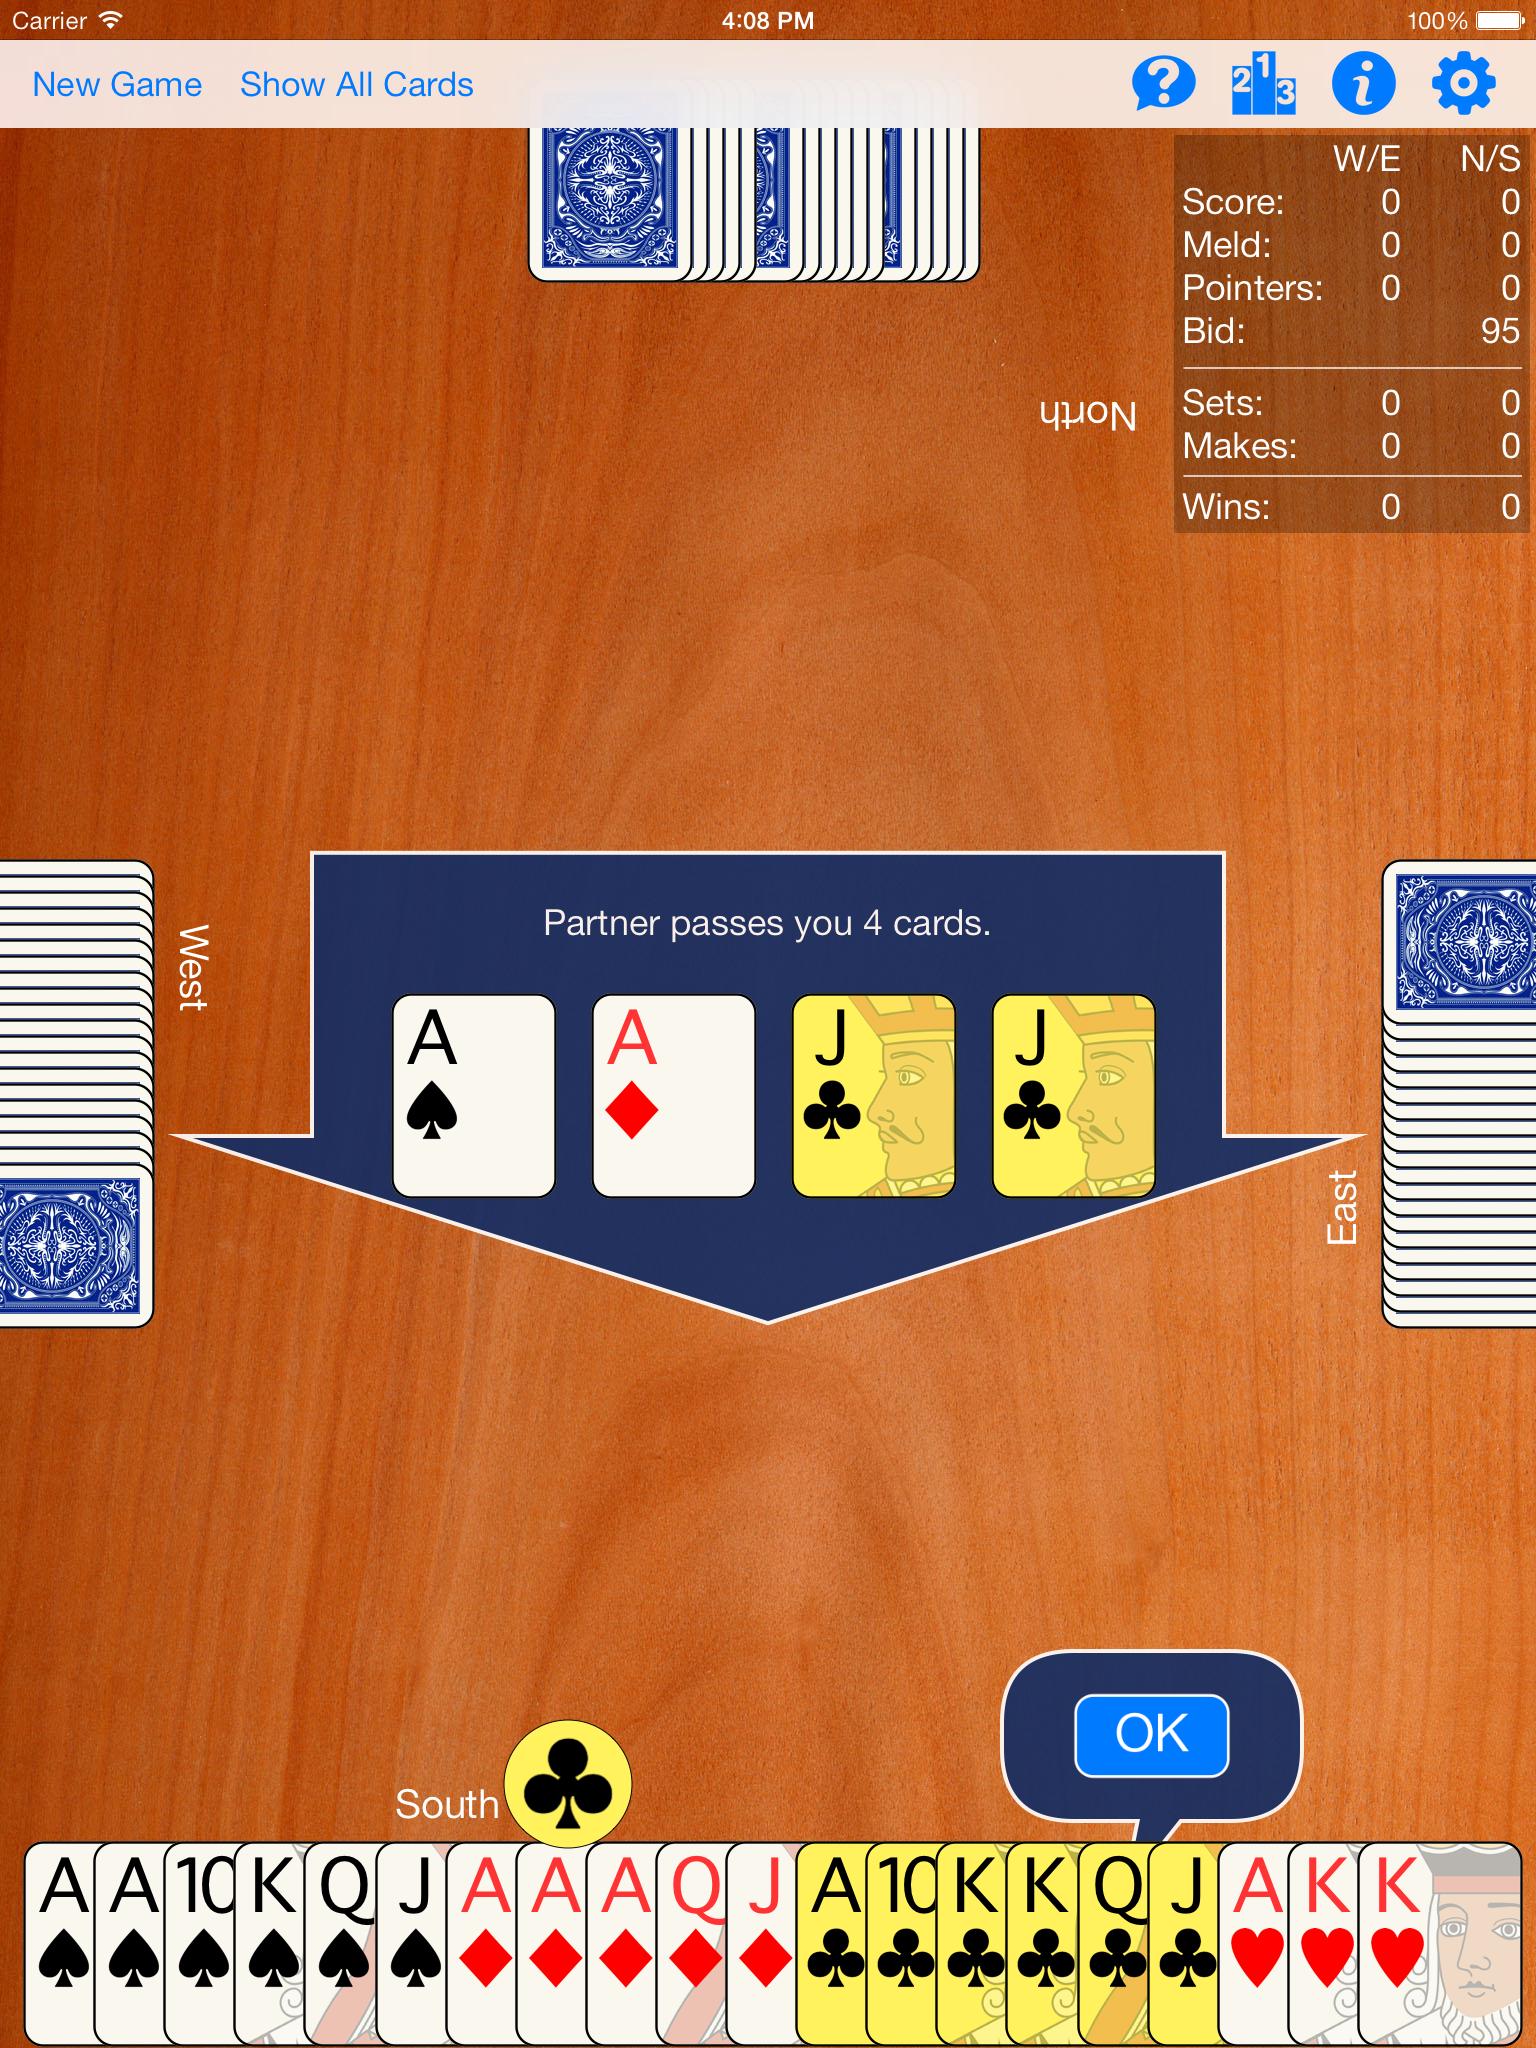 iOS Simulator Screen shot Oct 5, 2013, 4.08.12 PM.png